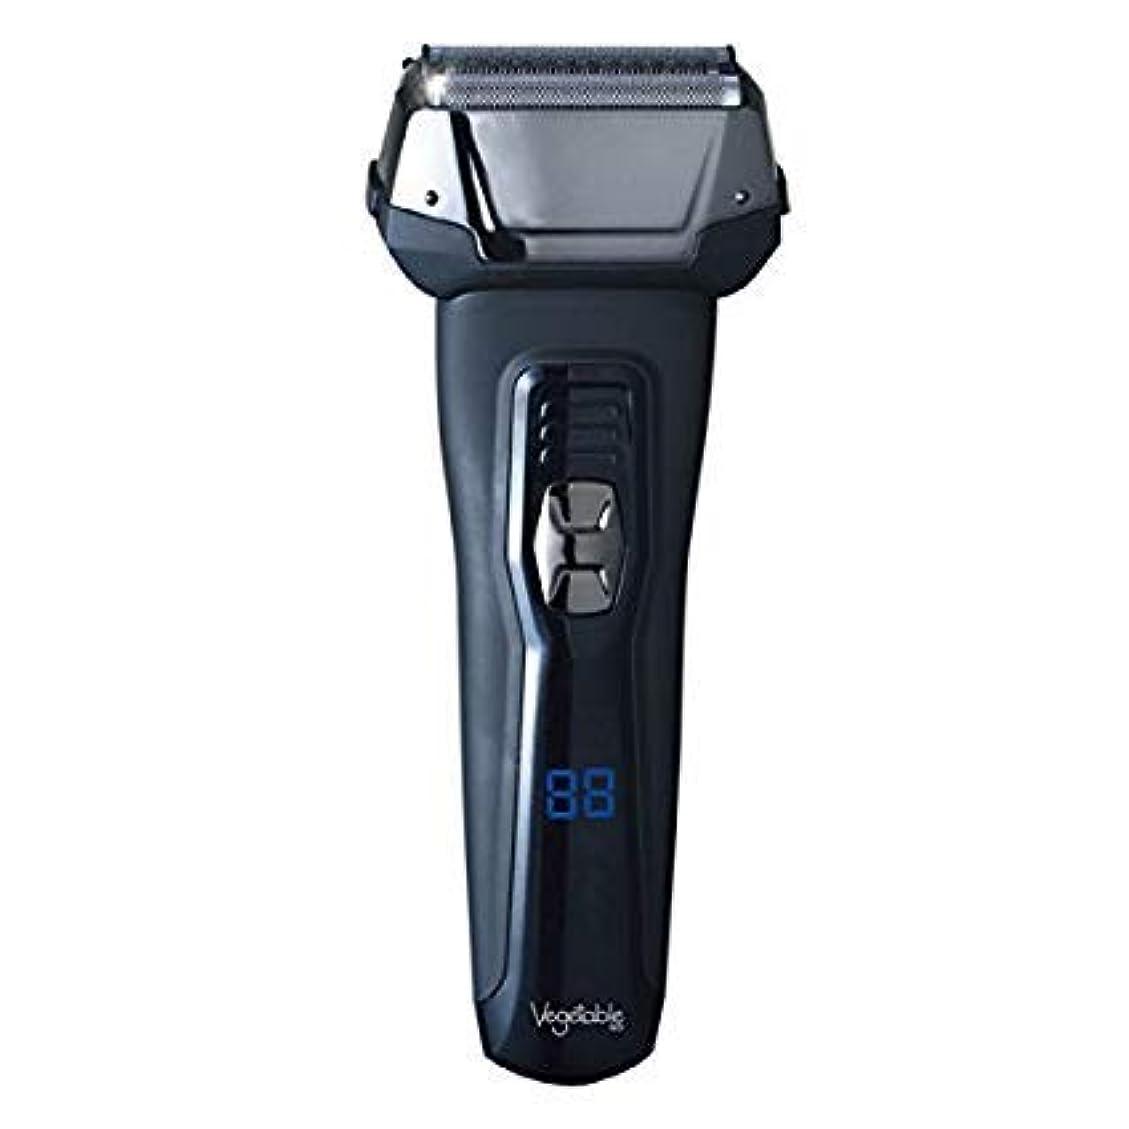 入札ミルク消える髭剃り 電気シェーバー Vegetable 3枚刃 充電交流式ウォッシャブルデジタルシェーバー GD-S307D